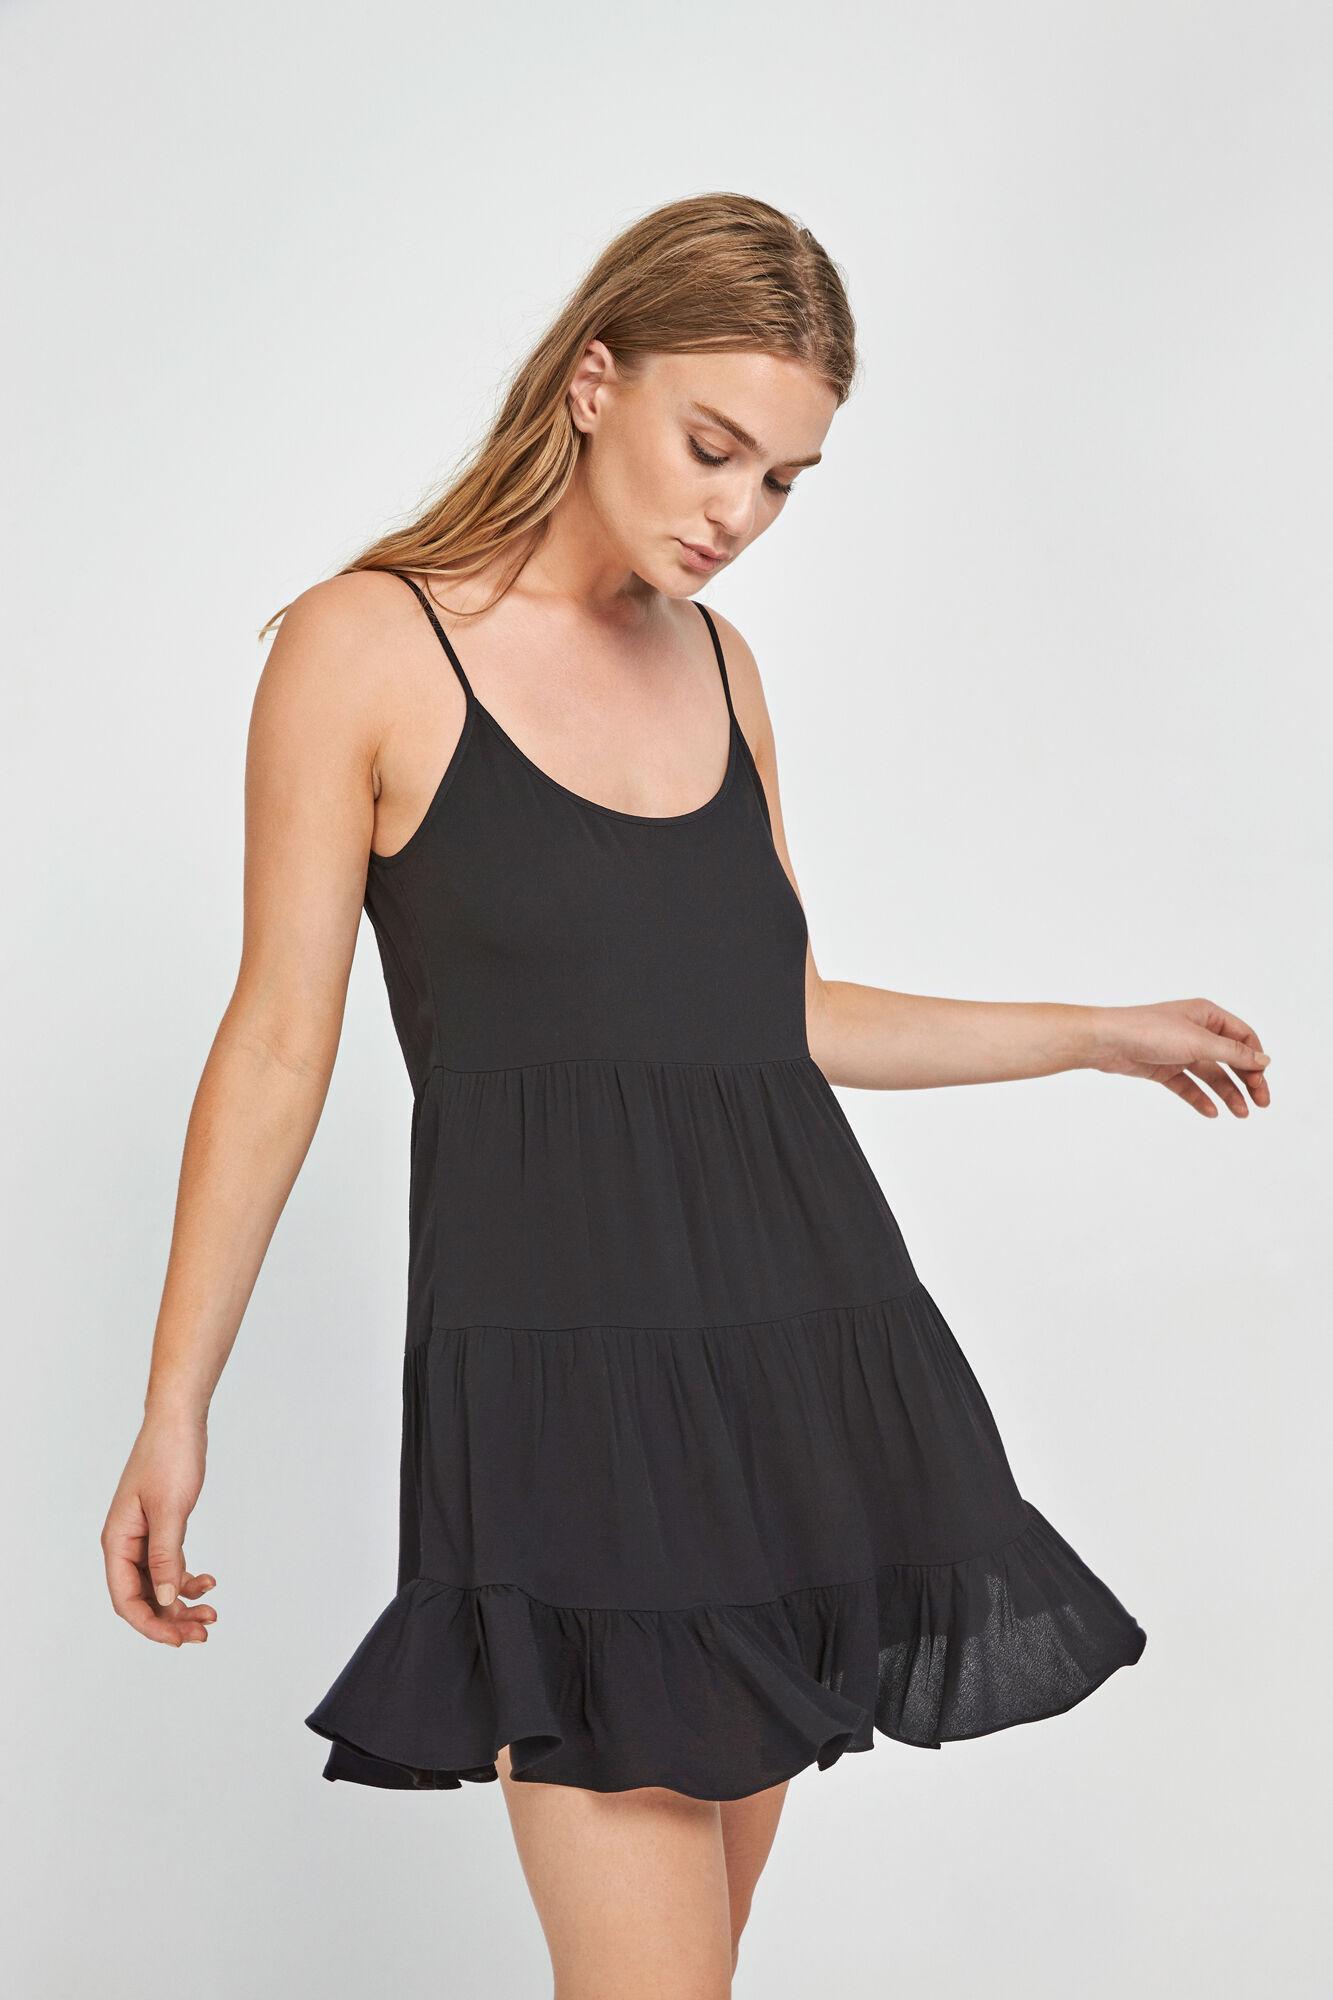 ENJULIET SL DRESS 6696